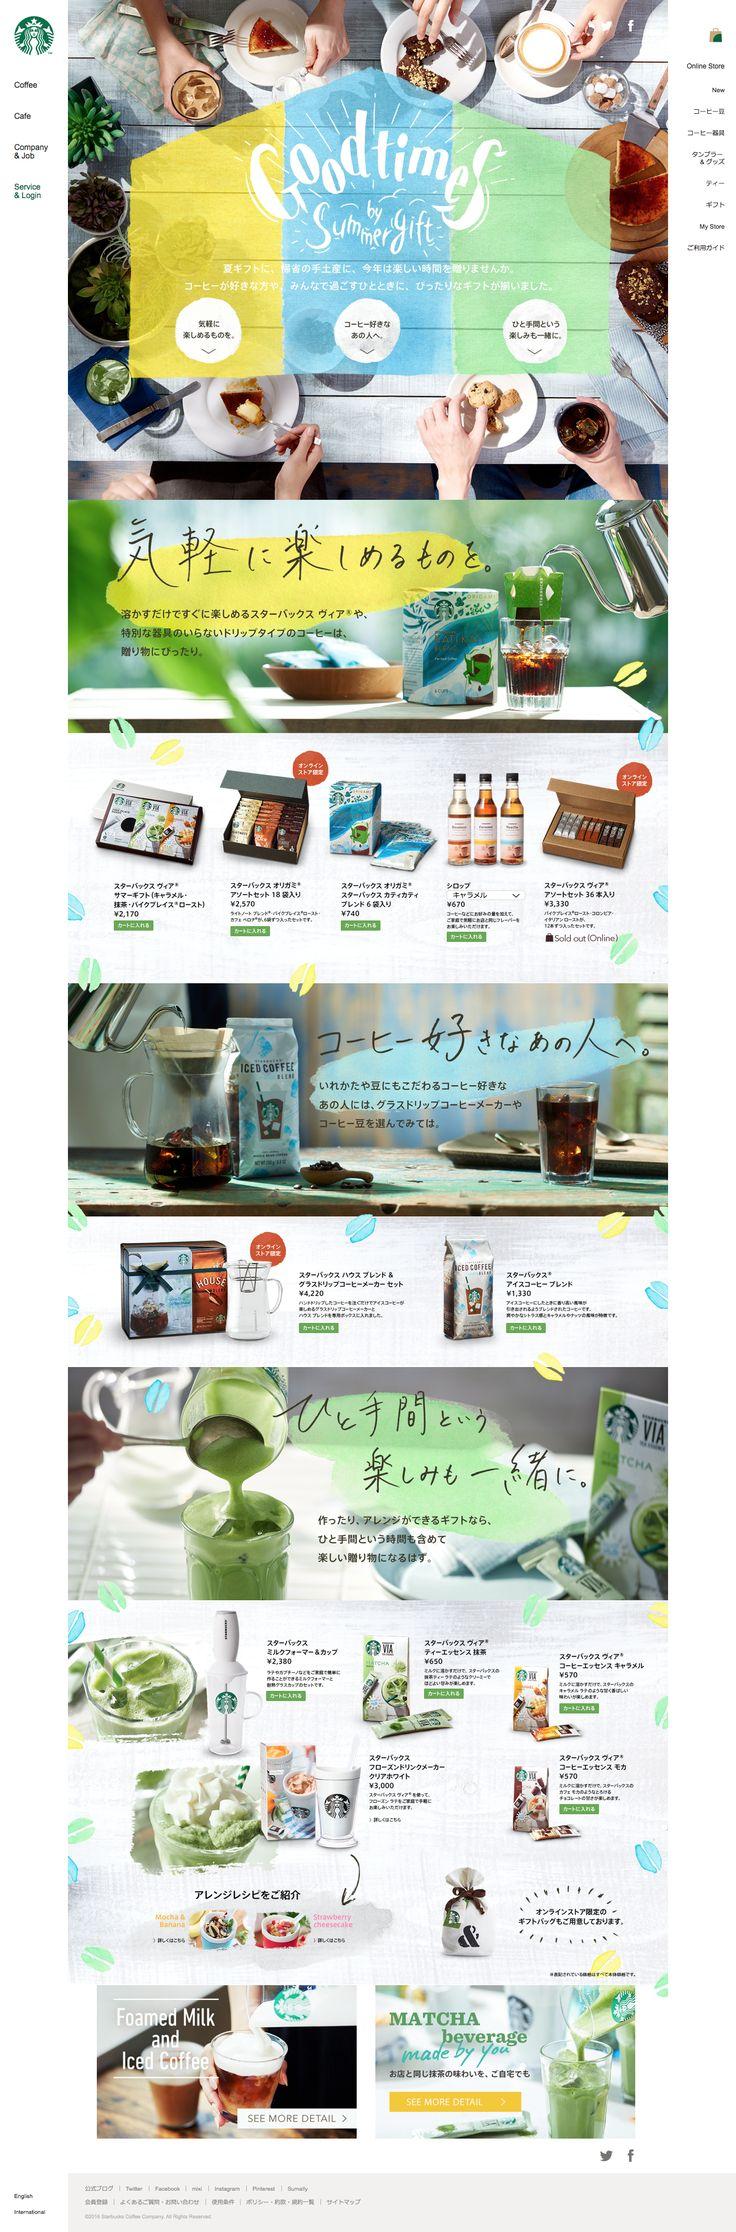 Goodtimes by Summer Gift|スターバックス コーヒー ジャパン